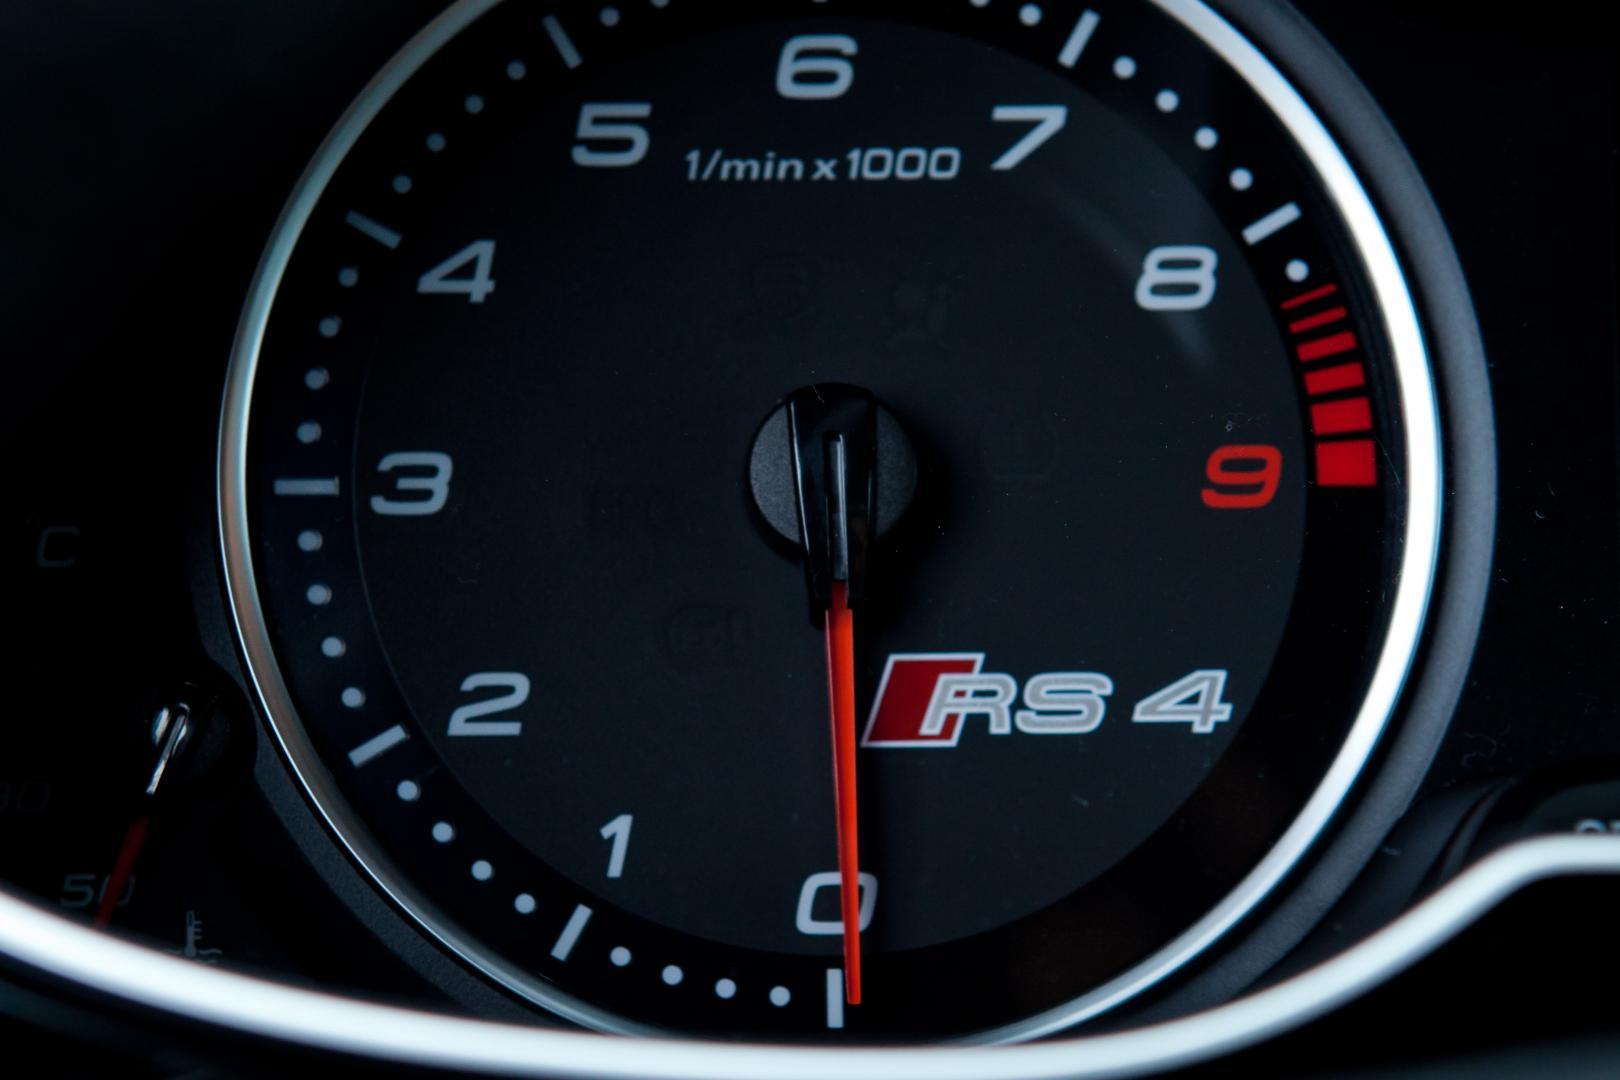 Audi RS 4 Avant toerenteller (2012)